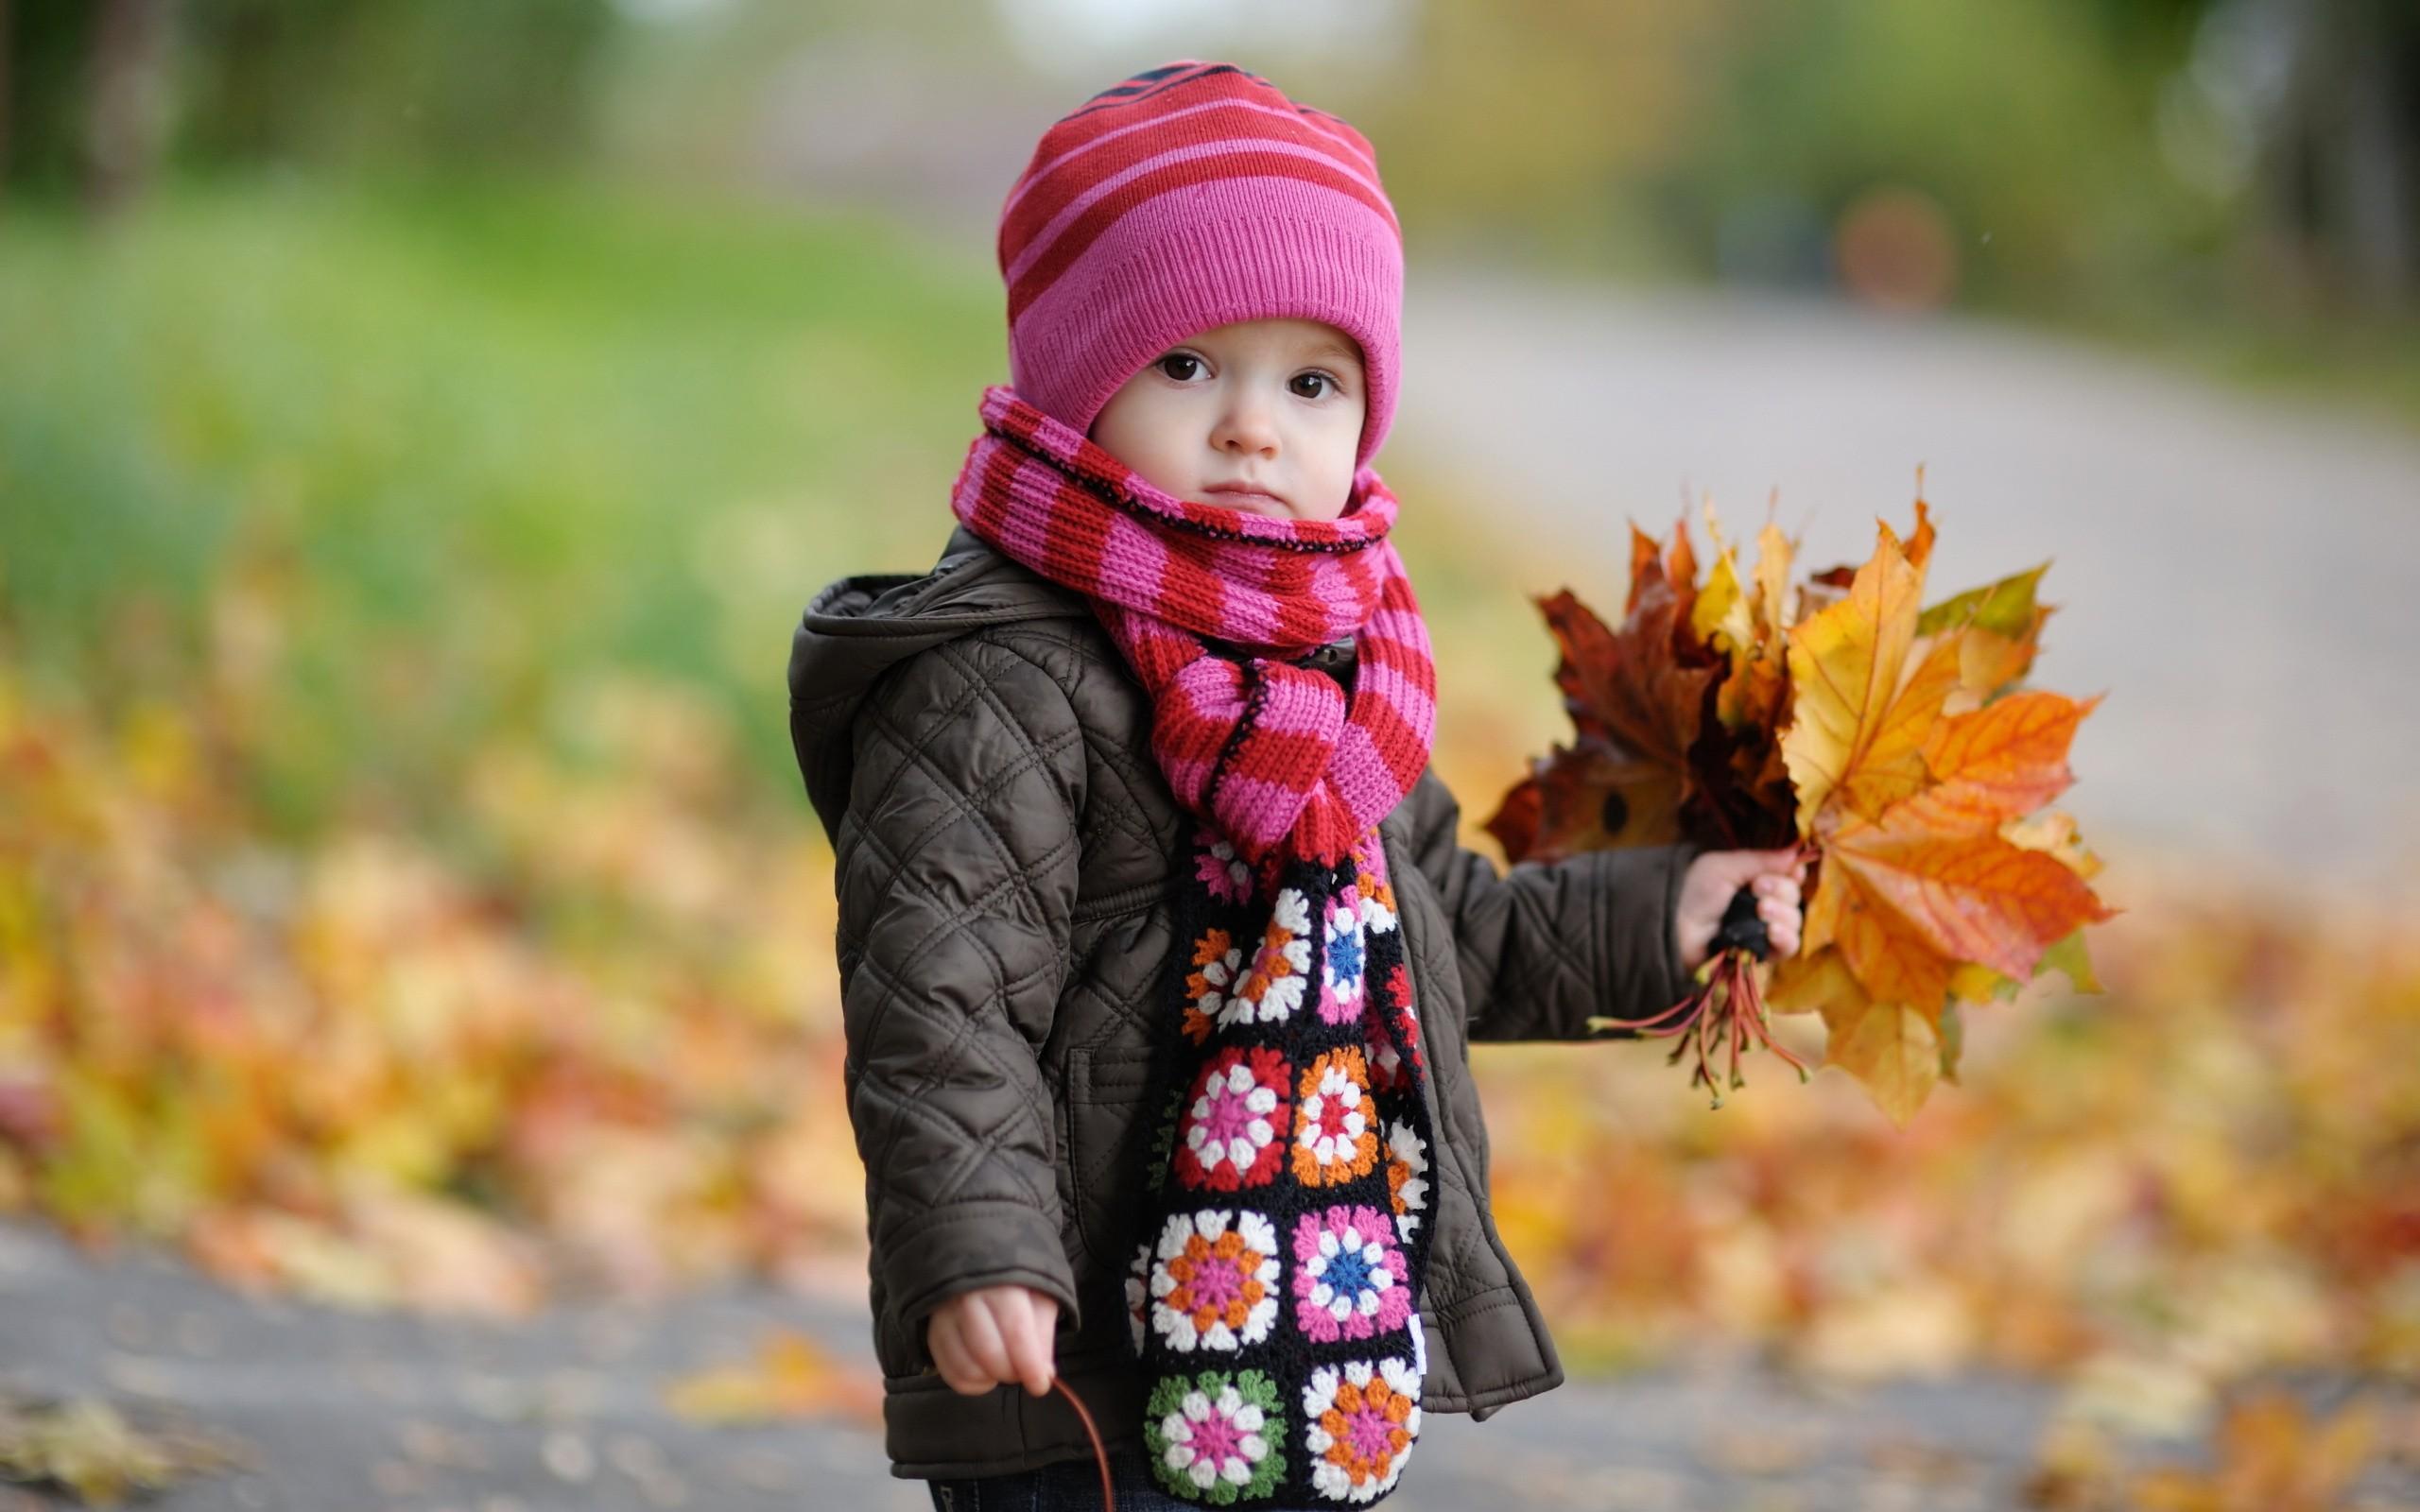 Un bebe en otoño - 2560x1600